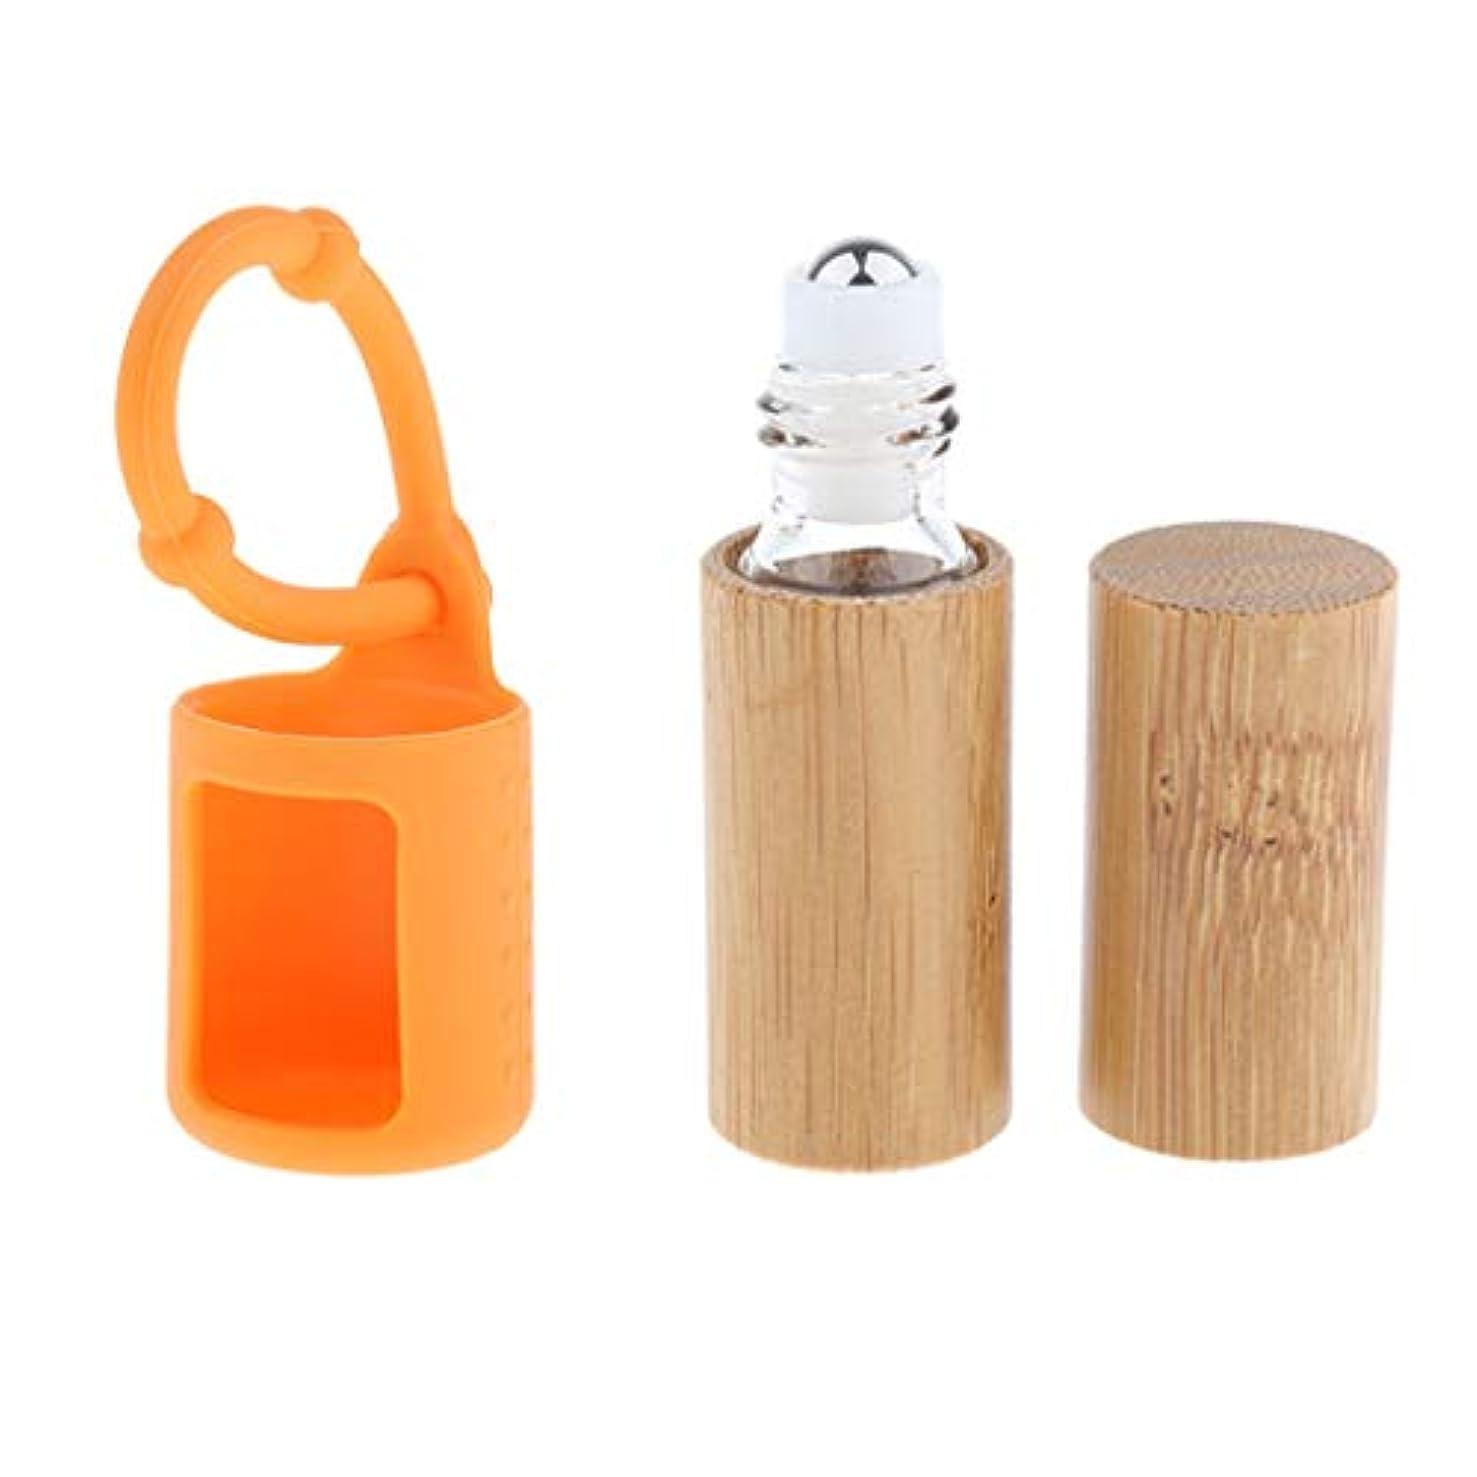 ラバスリーブ事前竹ボトル エッセンシャルオイル 香水 オイル 精油瓶 詰め替え 5ミリ 吊り掛けバッグ付